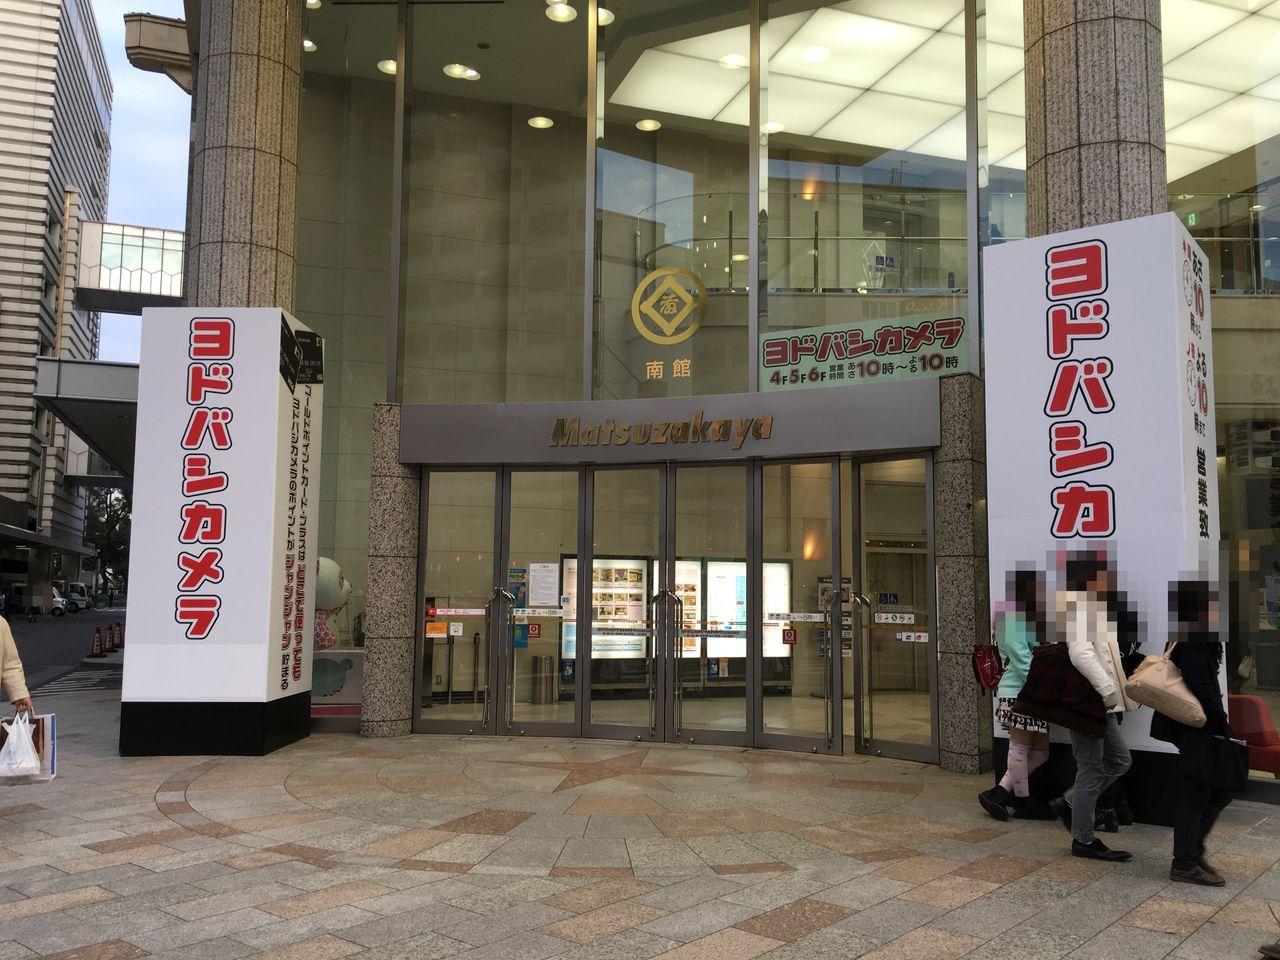 オープンから約3ヶ月、ヨドバシカメラ 名古屋松坂屋店を再訪し ...